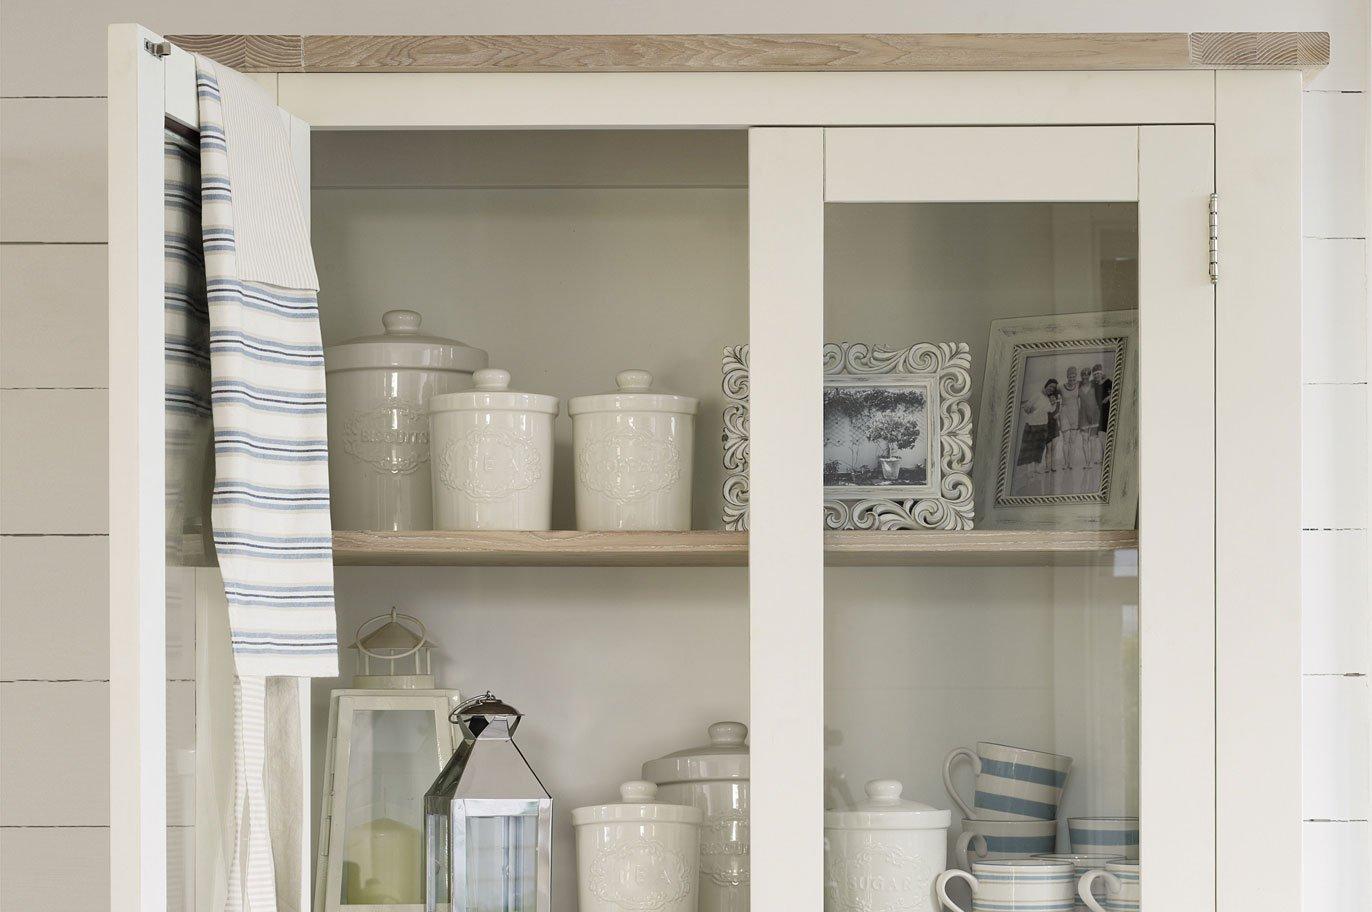 Muebles de cocina de estilo ingl s muebles para una for Vitrinas modernas para salon